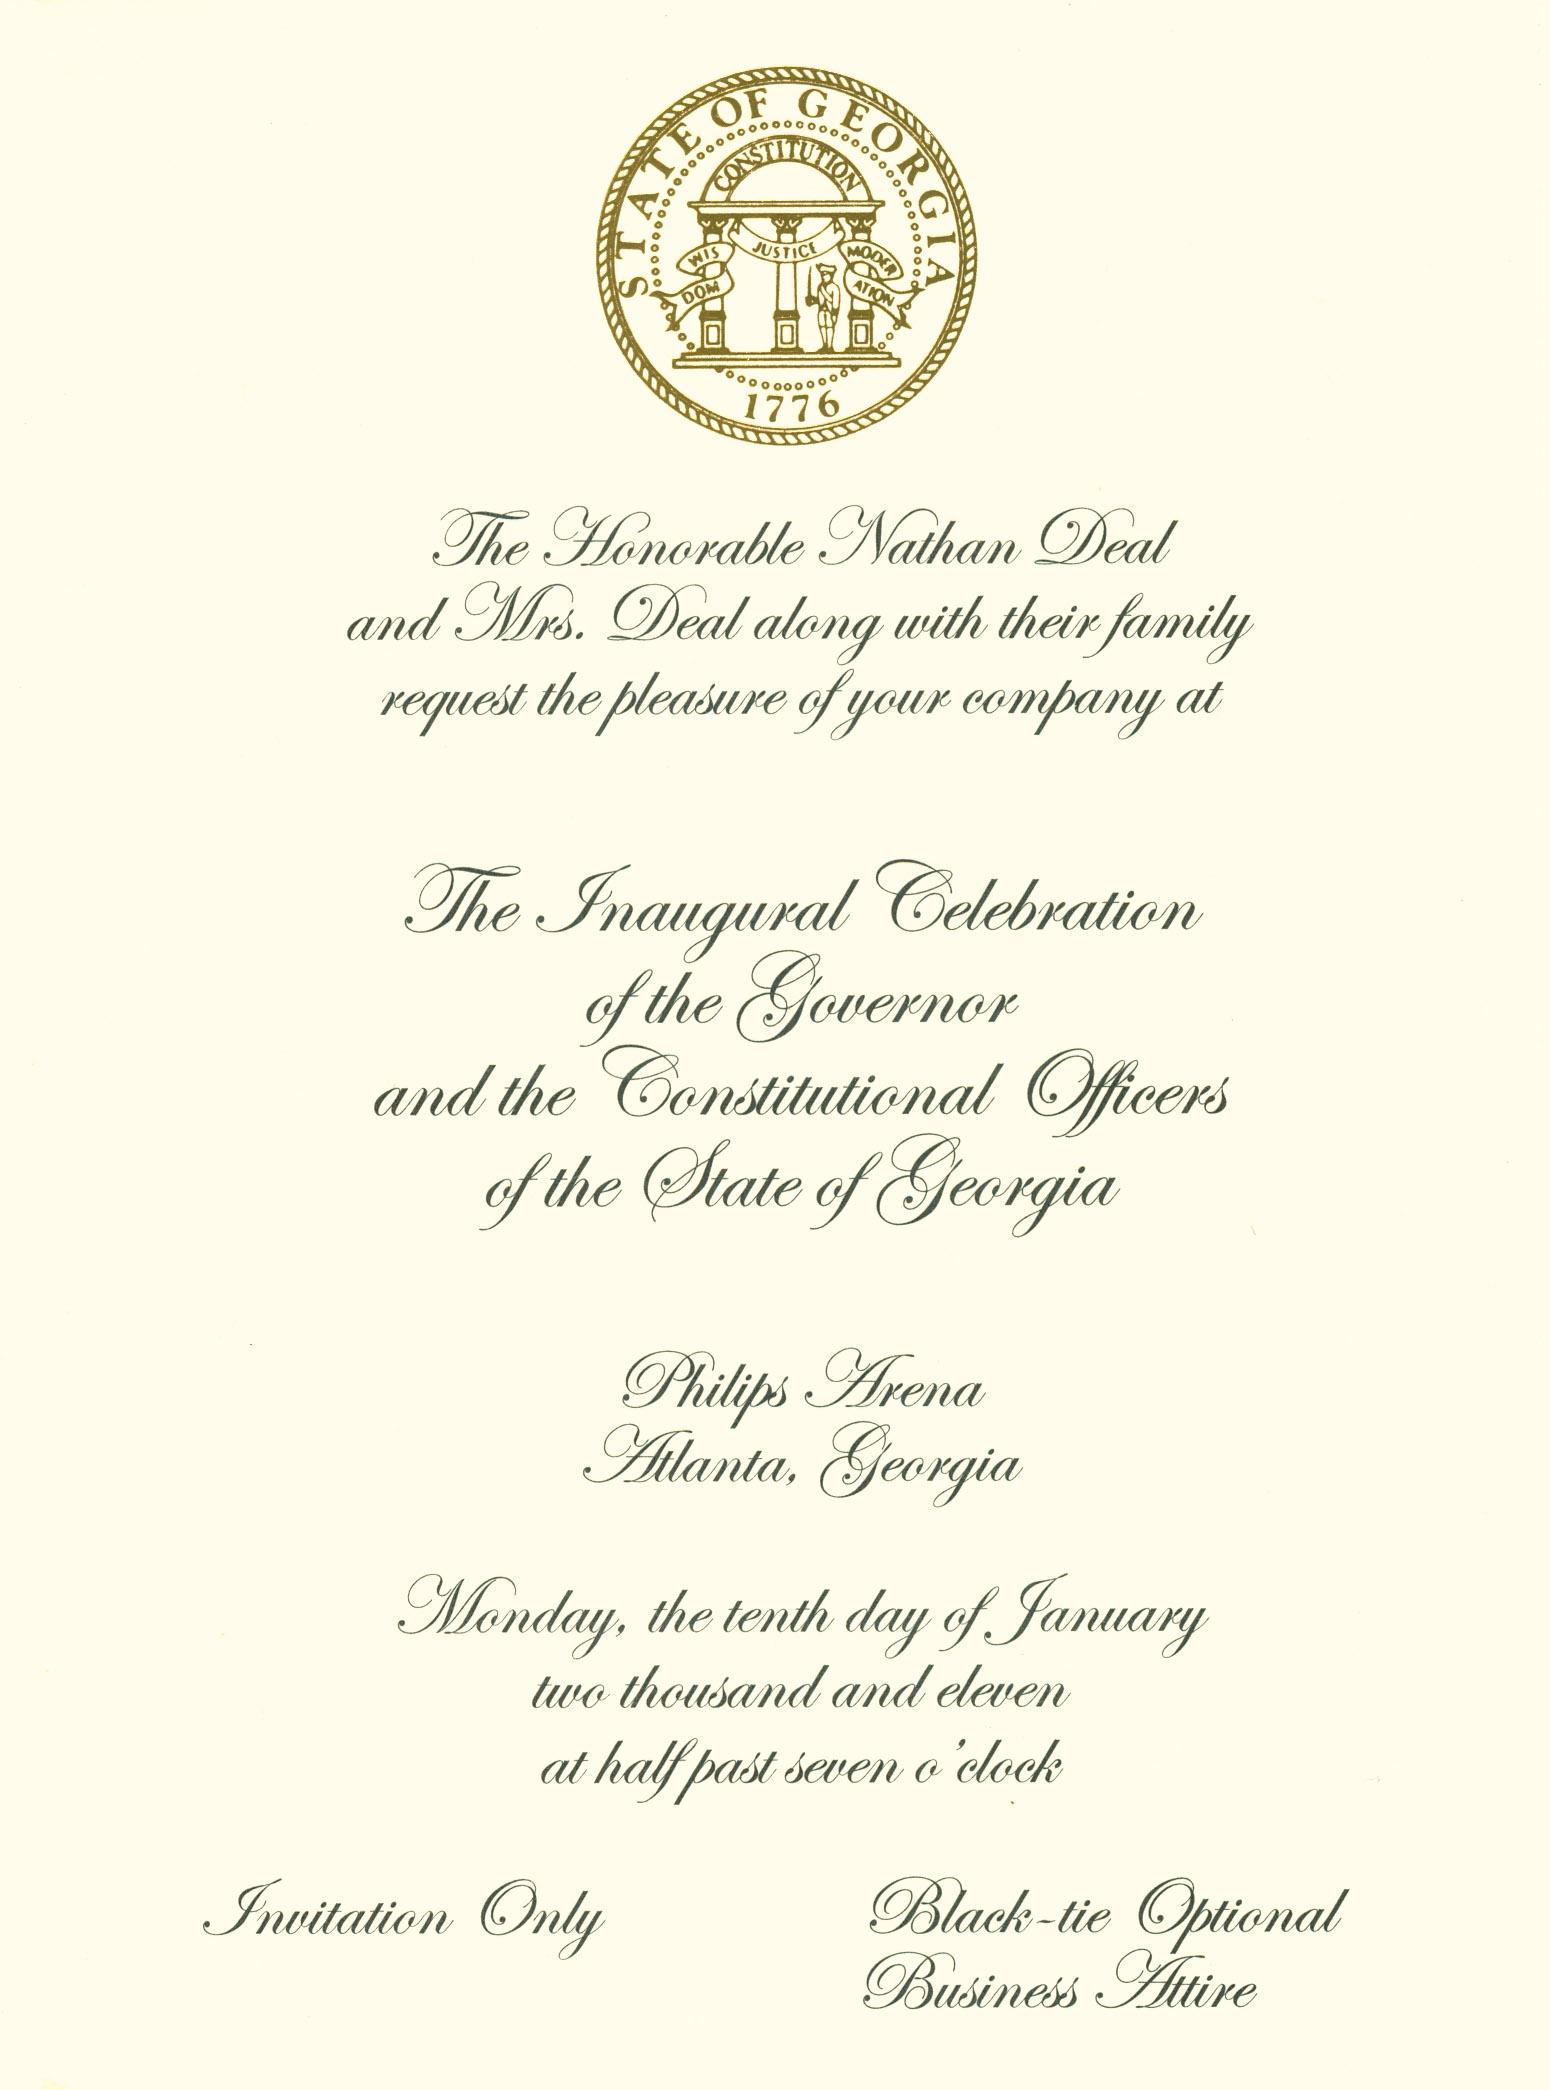 Deal 2011 Inaugural Invite